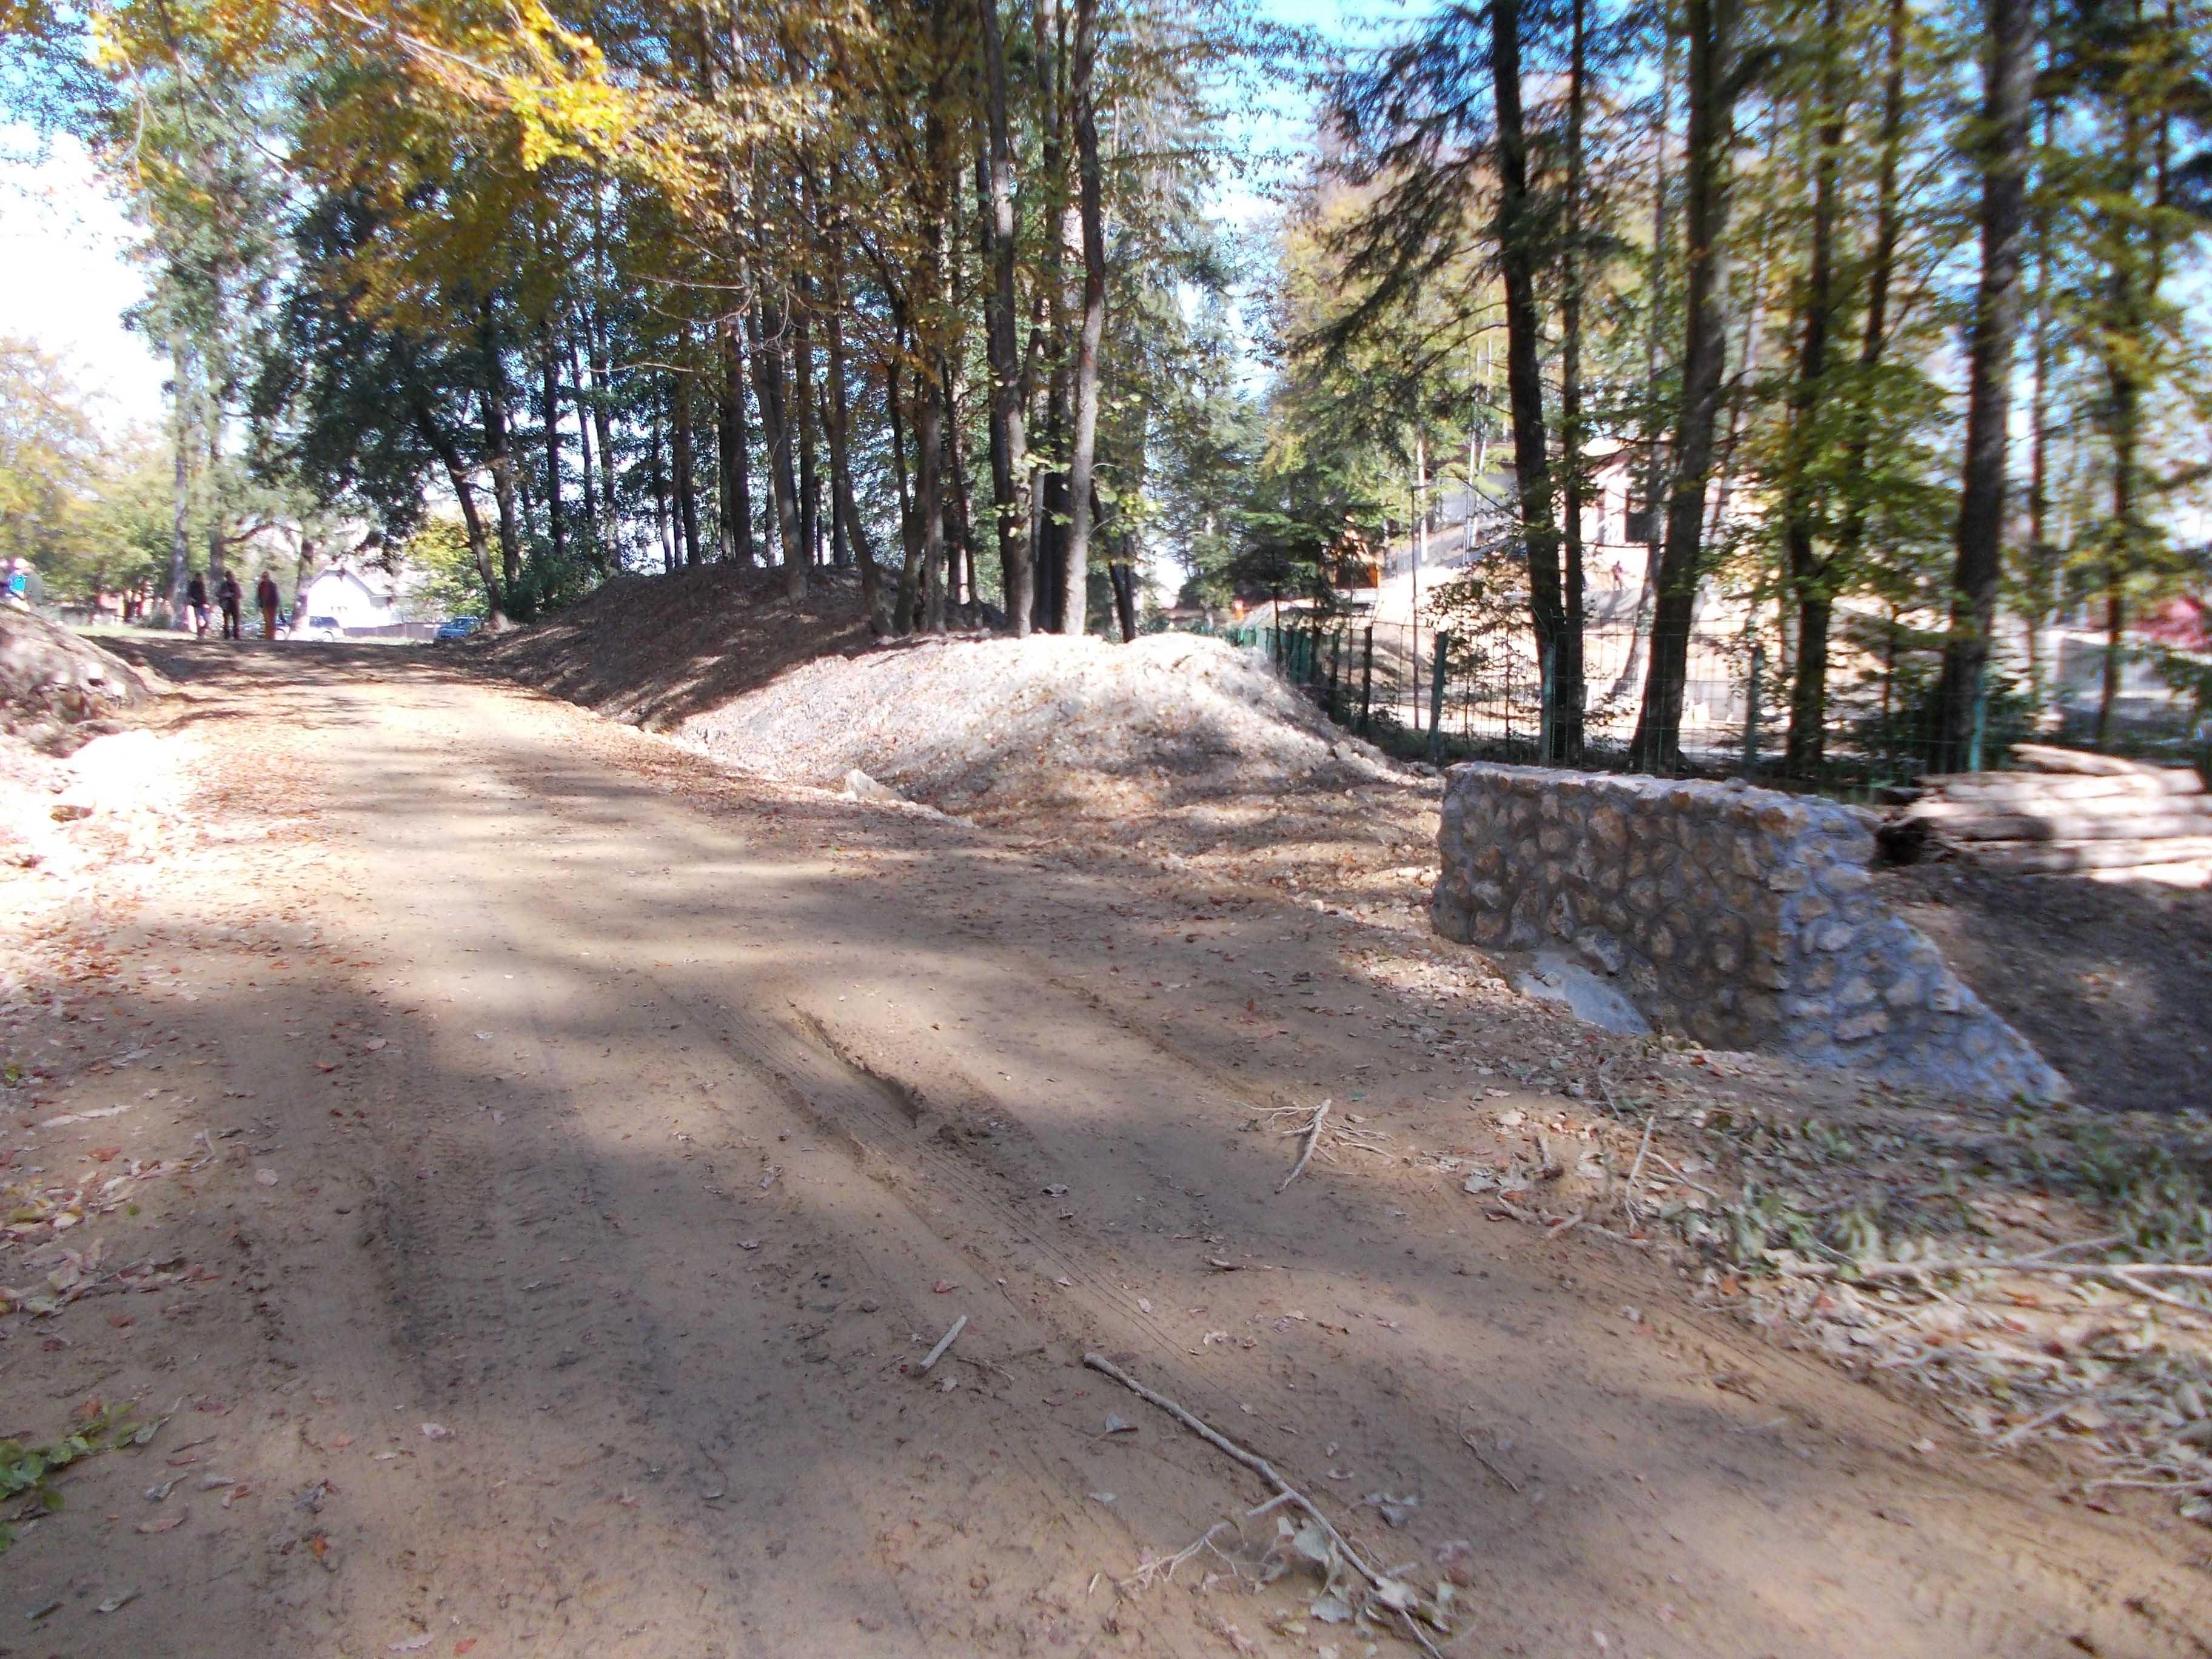 Șoseaua ce străpunge munții spre Timișul de Jos va fi deschisă până la jumătatea lui decembrie